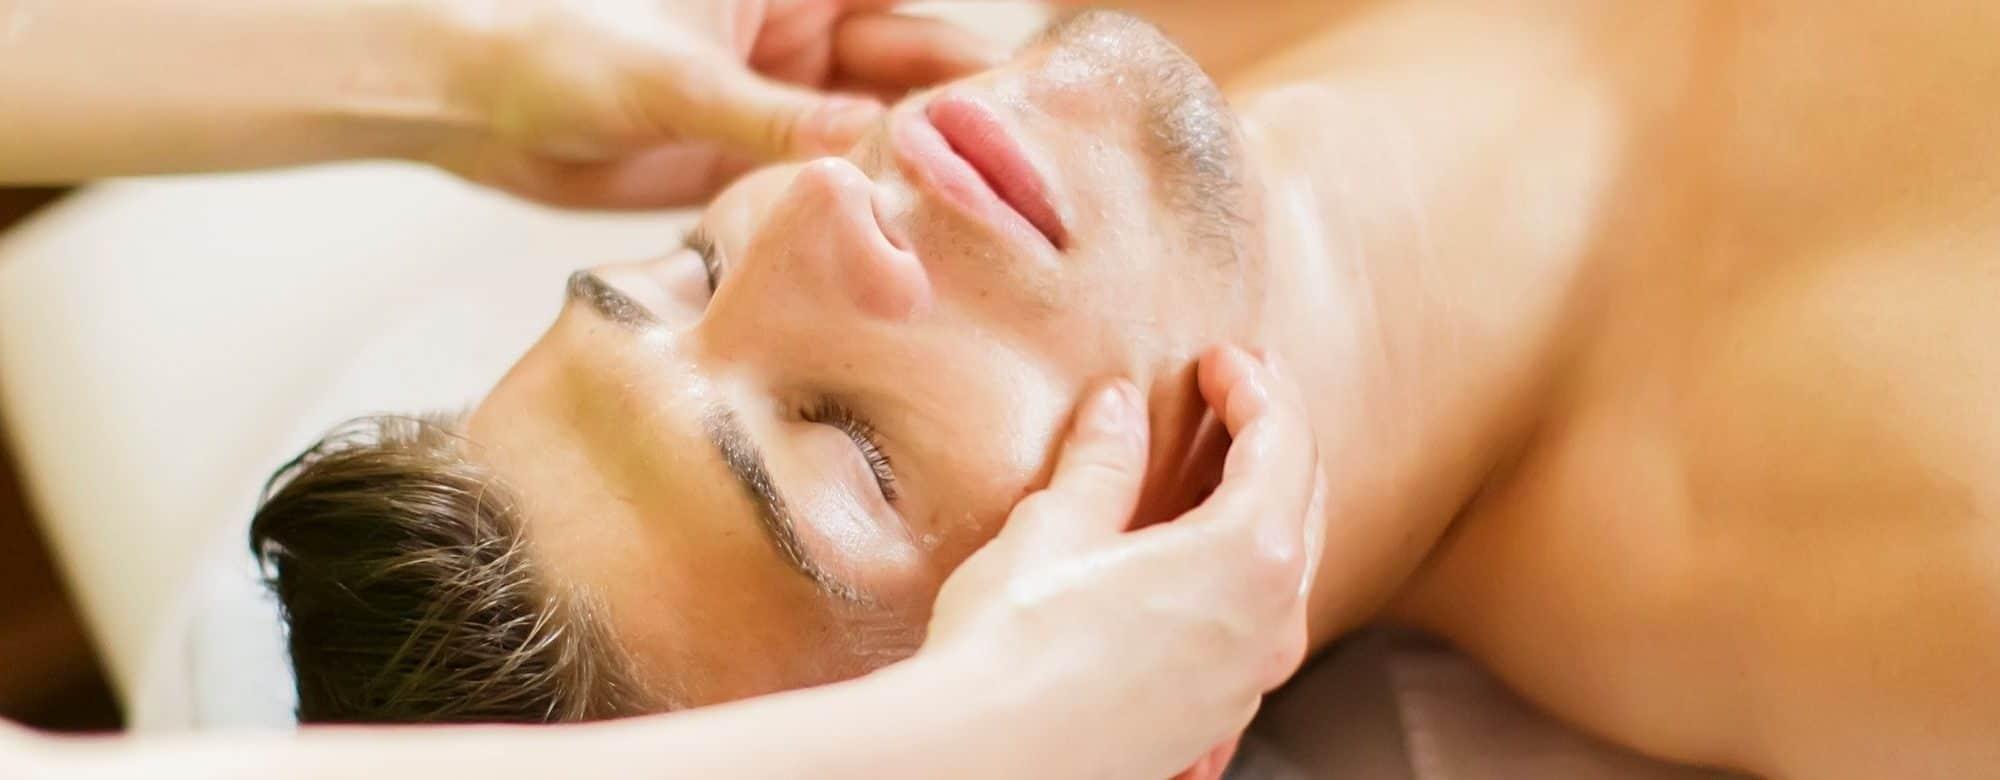 gezichtsbehandeling voor mannen hasselt